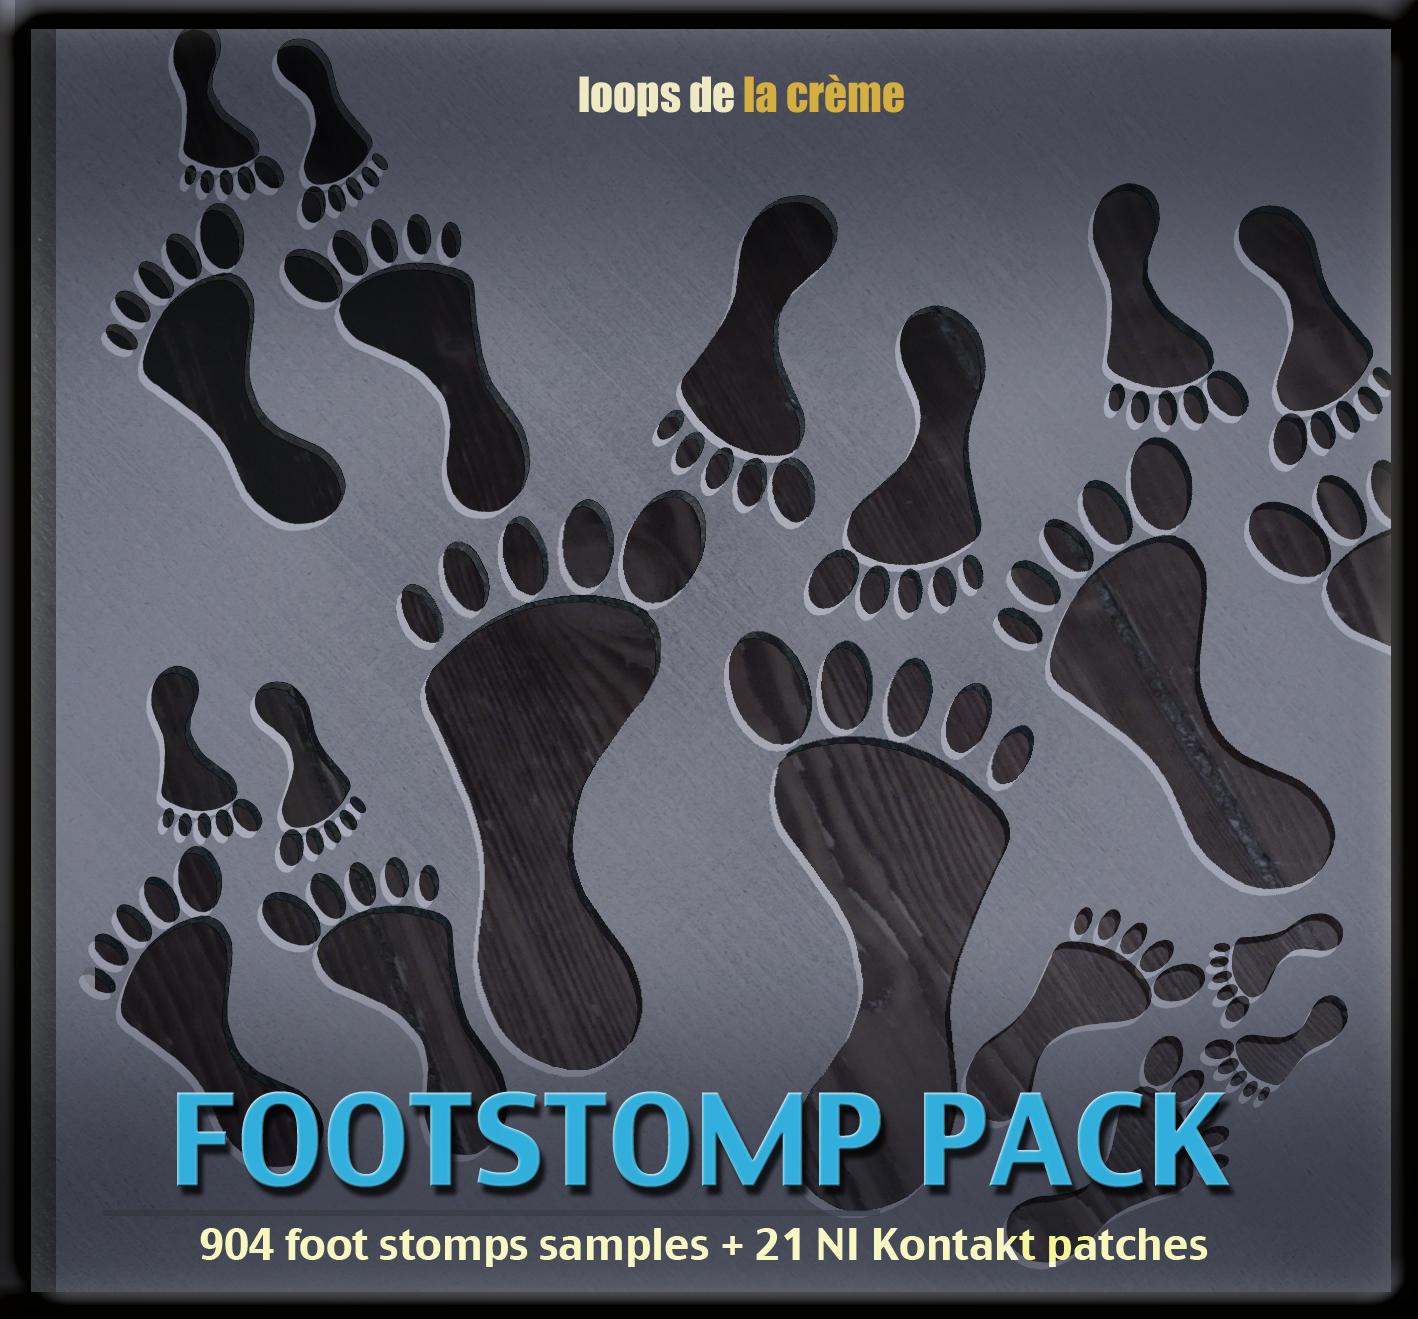 FOOTSTOMP PACK3_pieds2.jpg